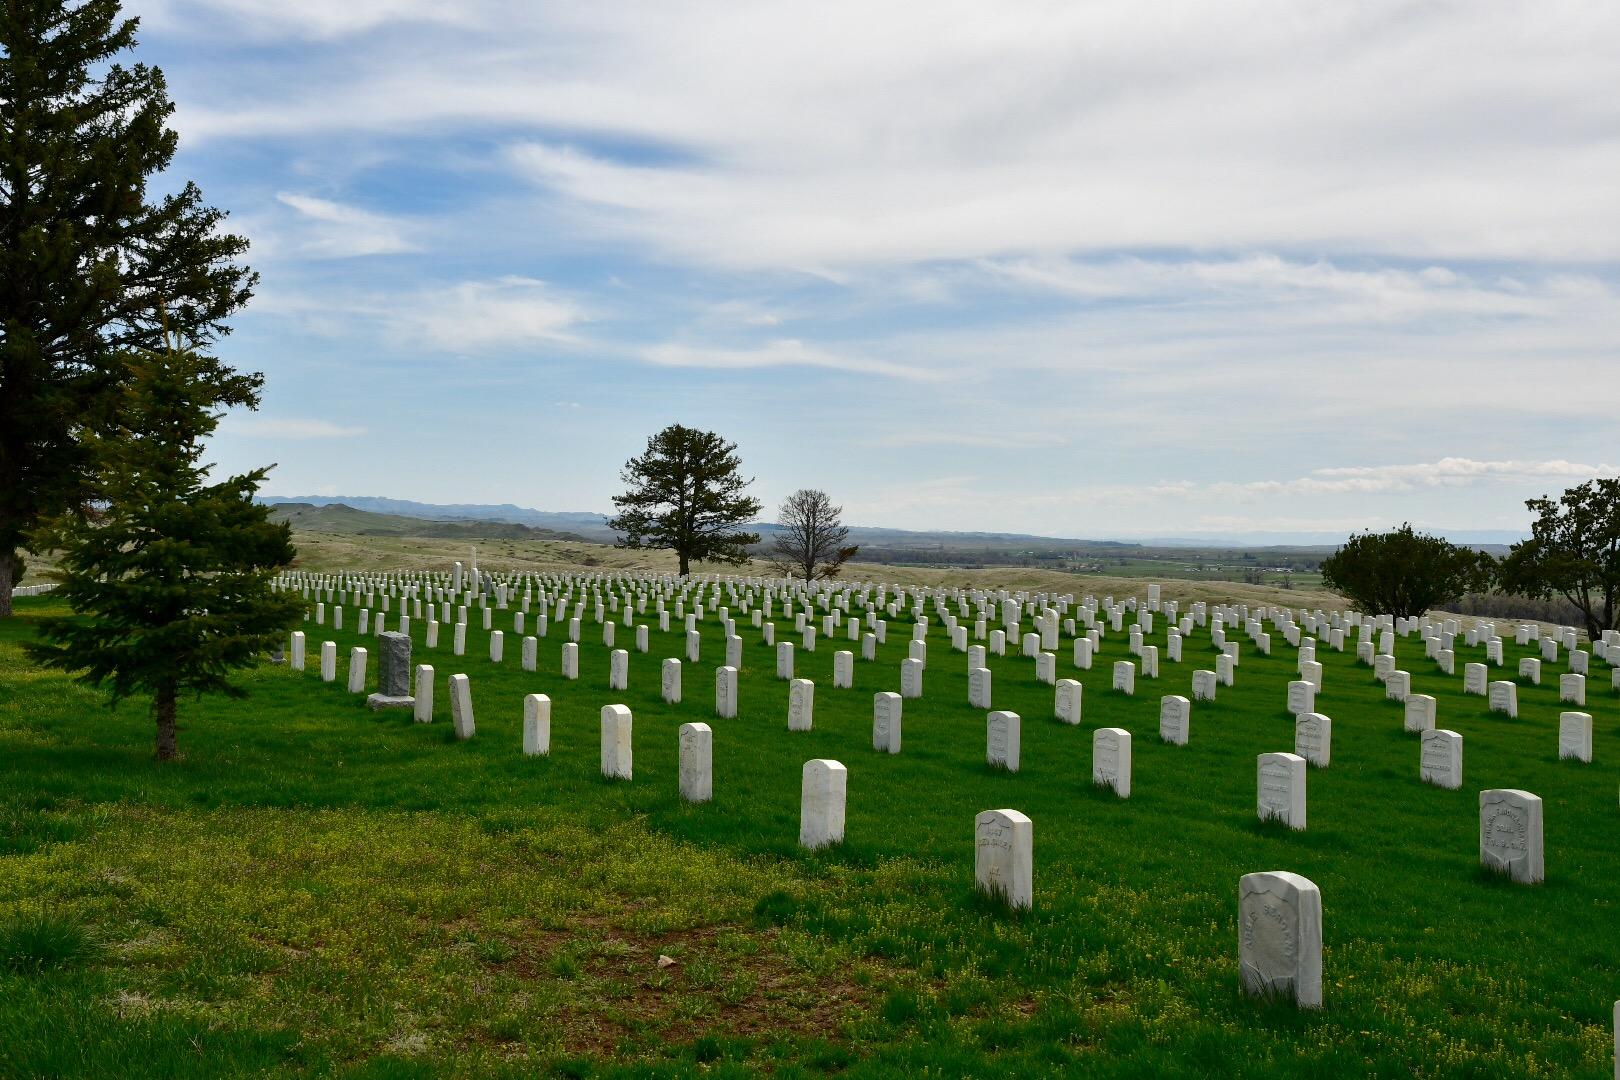 Weiße Grabsteine auf grüner Wiese mit Tannenbäumen, weiter Blick ins Land